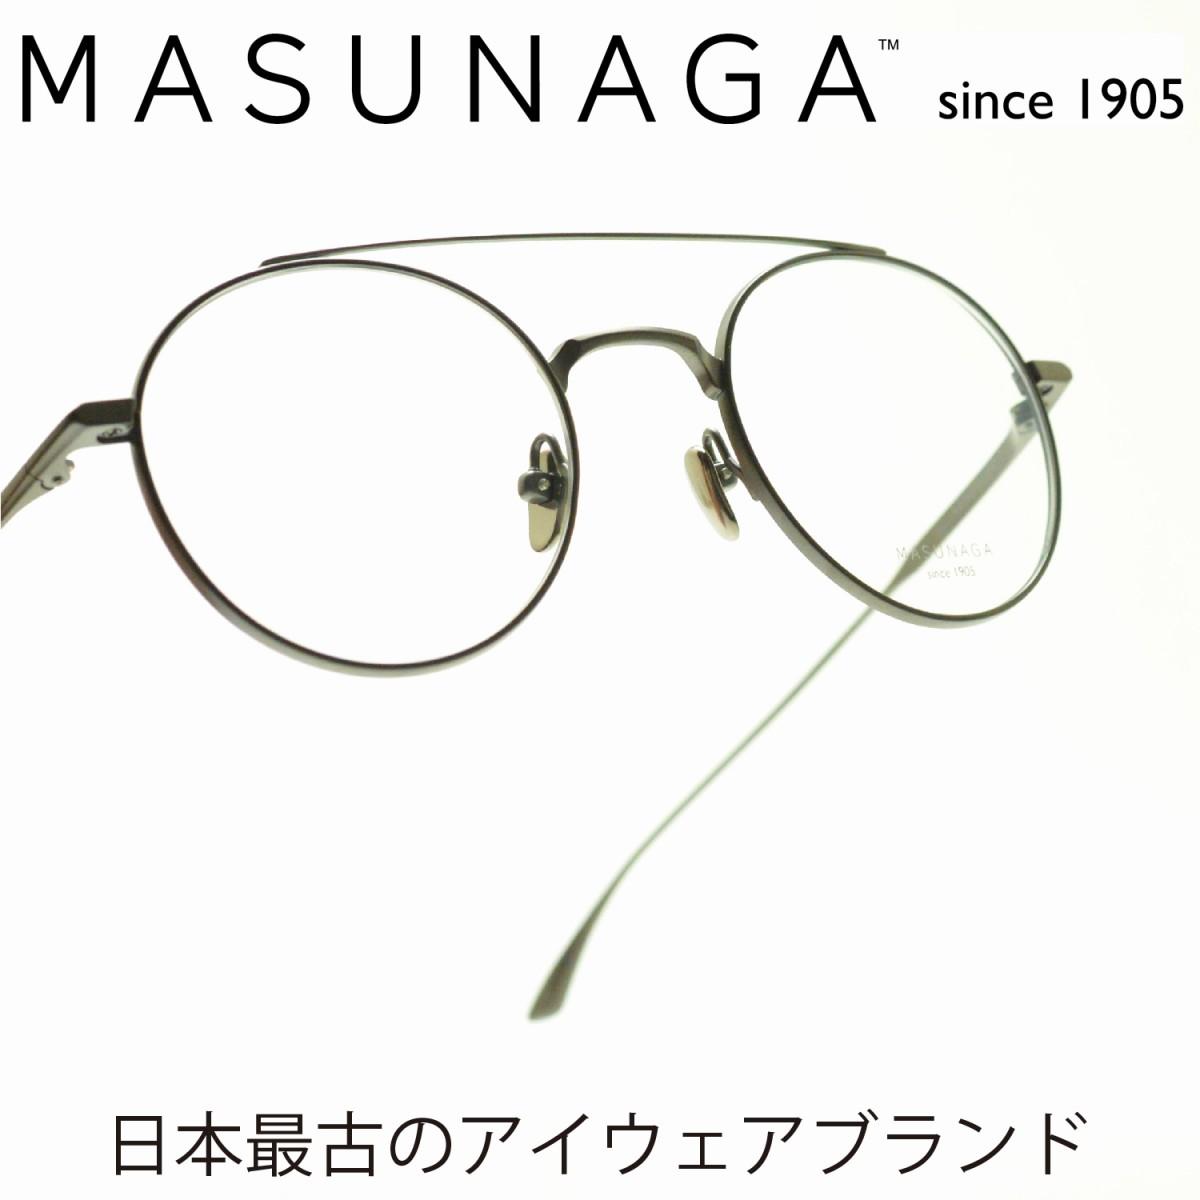 増永眼鏡 MASUNAGA since 1905 RHAPSODY col-34 DGRYメガネ 眼鏡 めがね メンズ レディース おしゃれ ブランド 人気 おすすめ フレーム 流行り 度付き レンズ